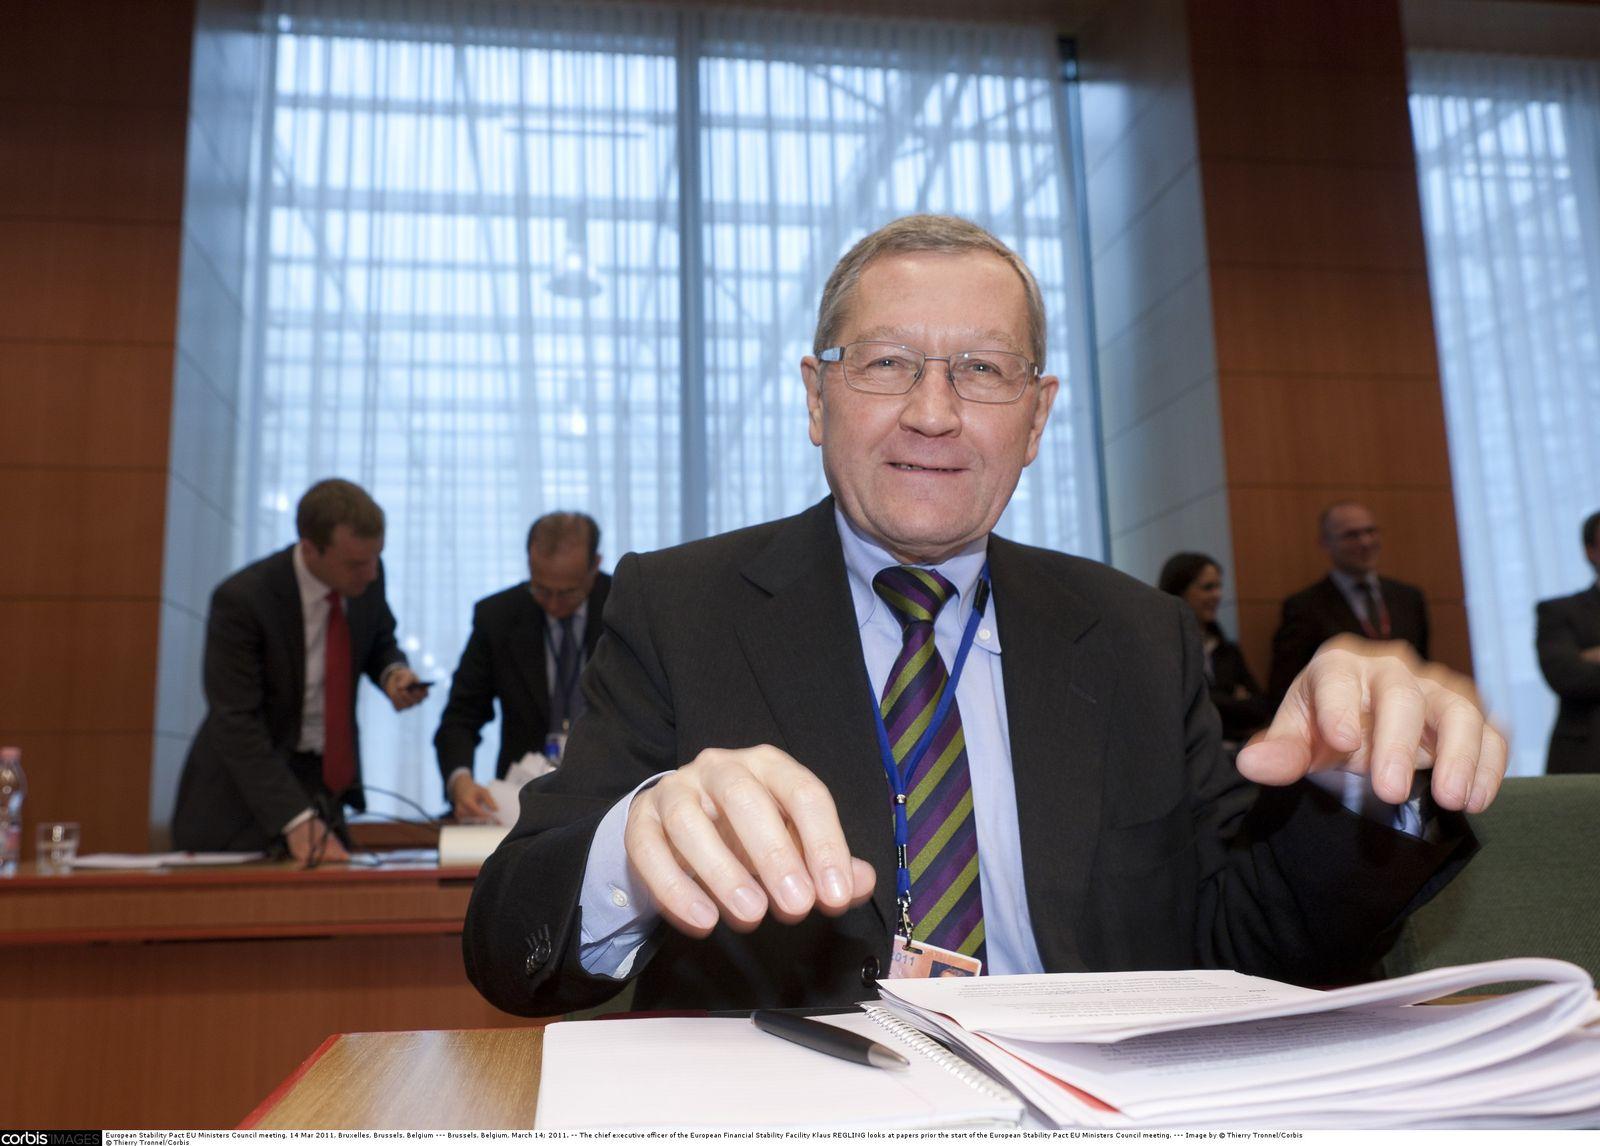 NICHT MEHR VERWENDEN! - Klaus Regling